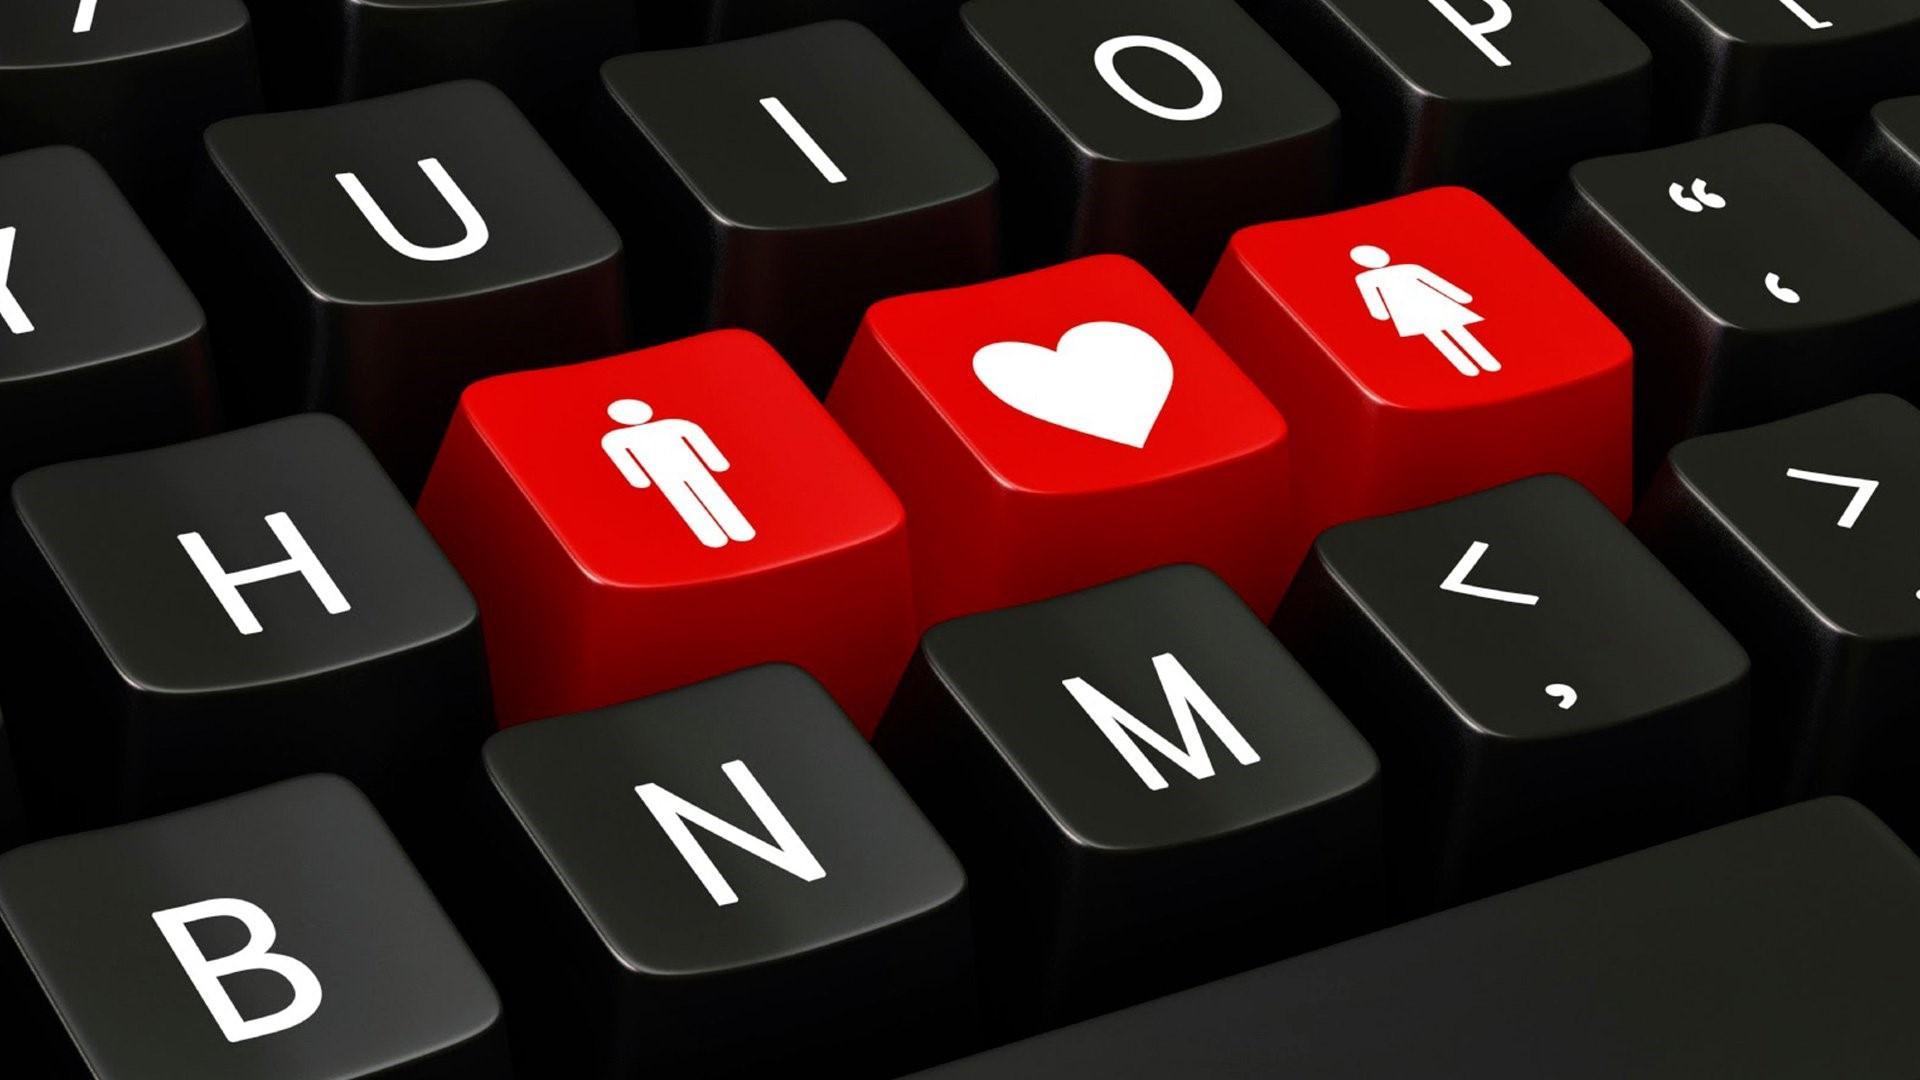 Знакомство в Интернете: приложения для цифровой любви